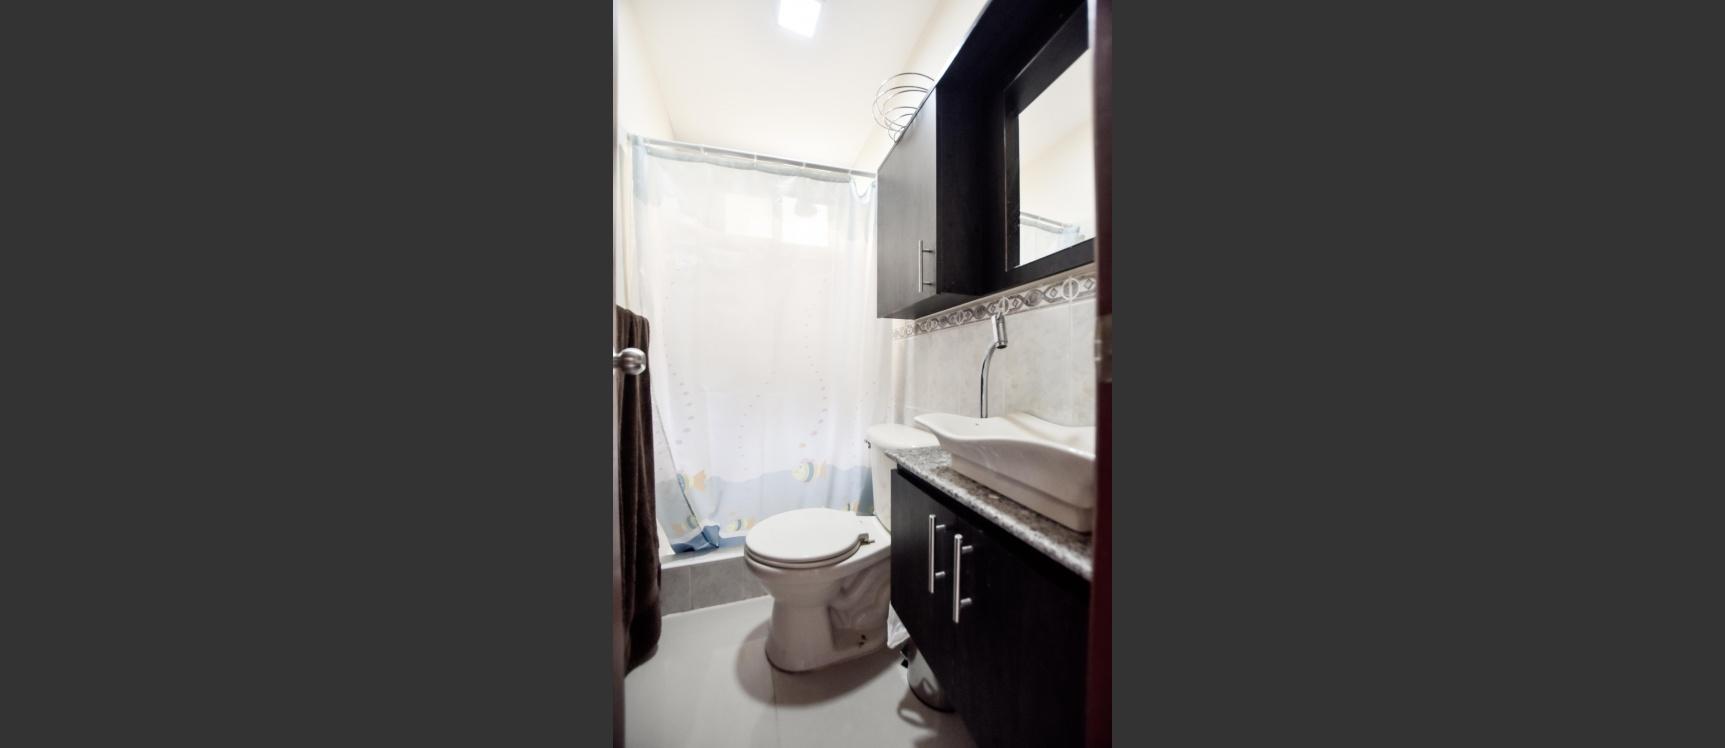 GeoBienes - Casa en venta ubicada en Villa Club Doral, Av. Leon Febres Cordero - Plusvalia Guayaquil Casas de venta y alquiler Inmobiliaria Ecuador